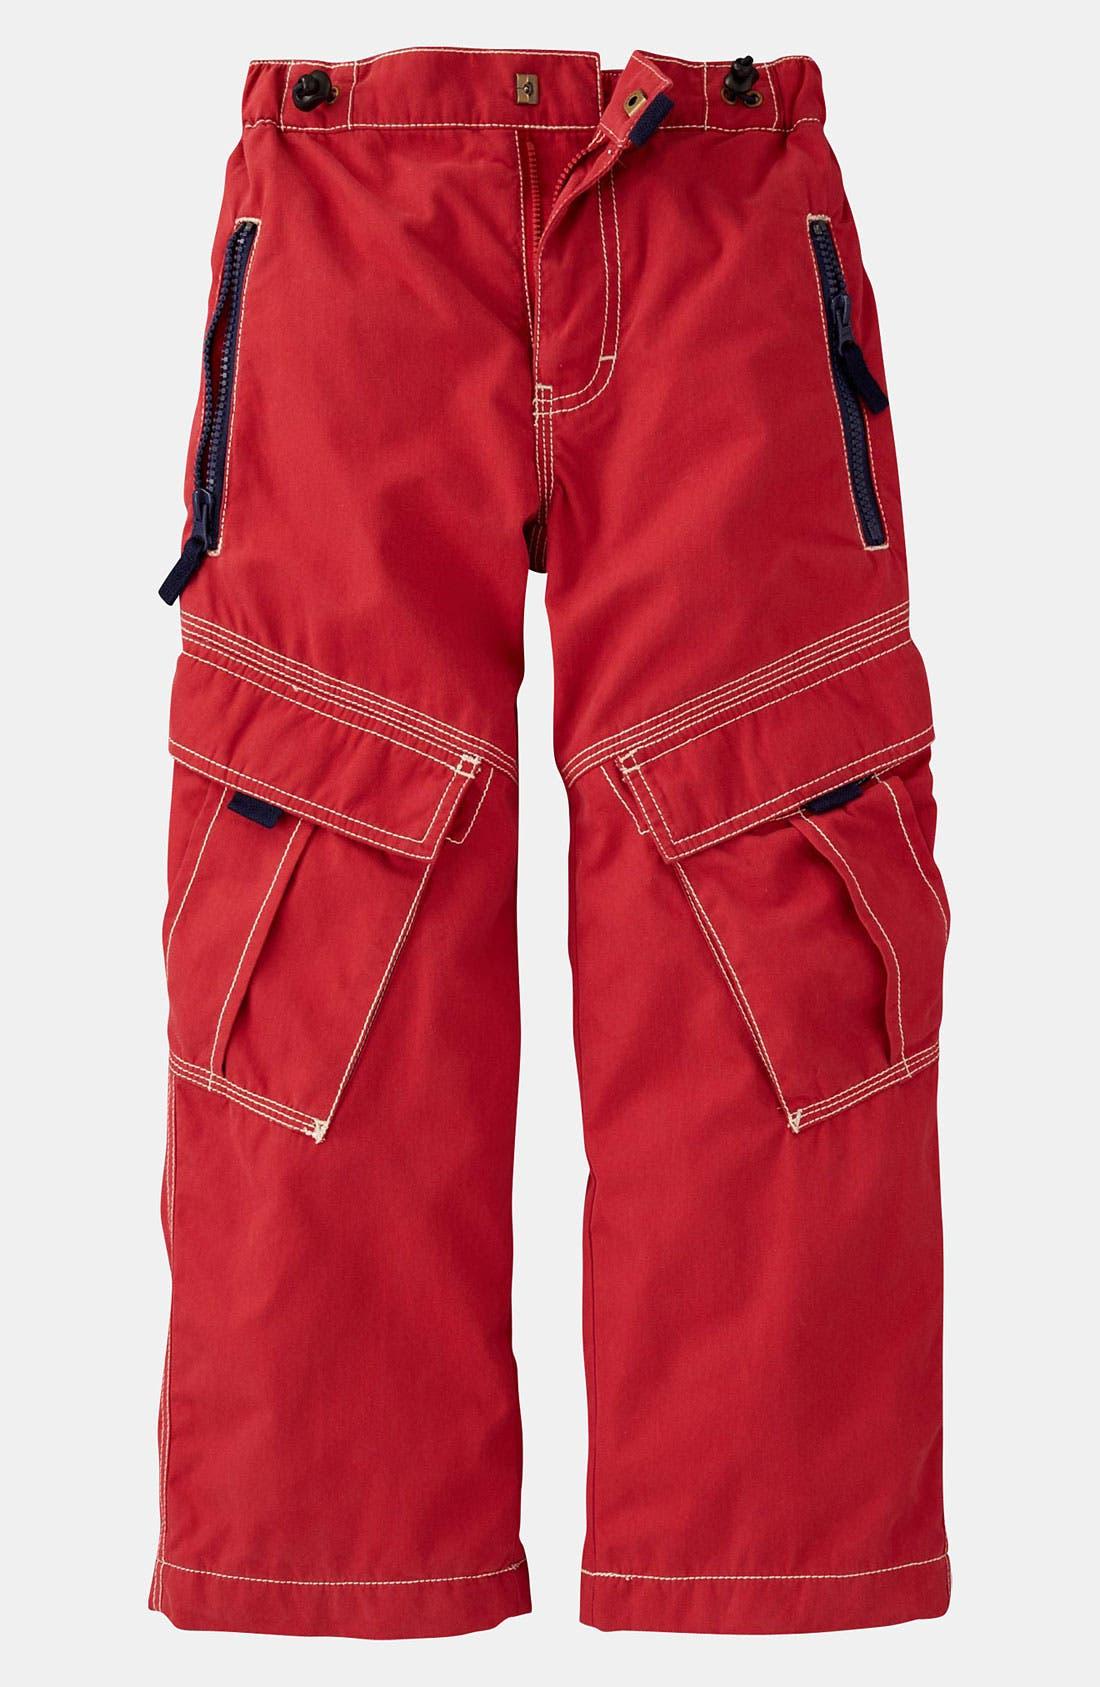 Alternate Image 1 Selected - Mini Boden 'Skate' Cargo Pants (Little Boys & Big Boys)